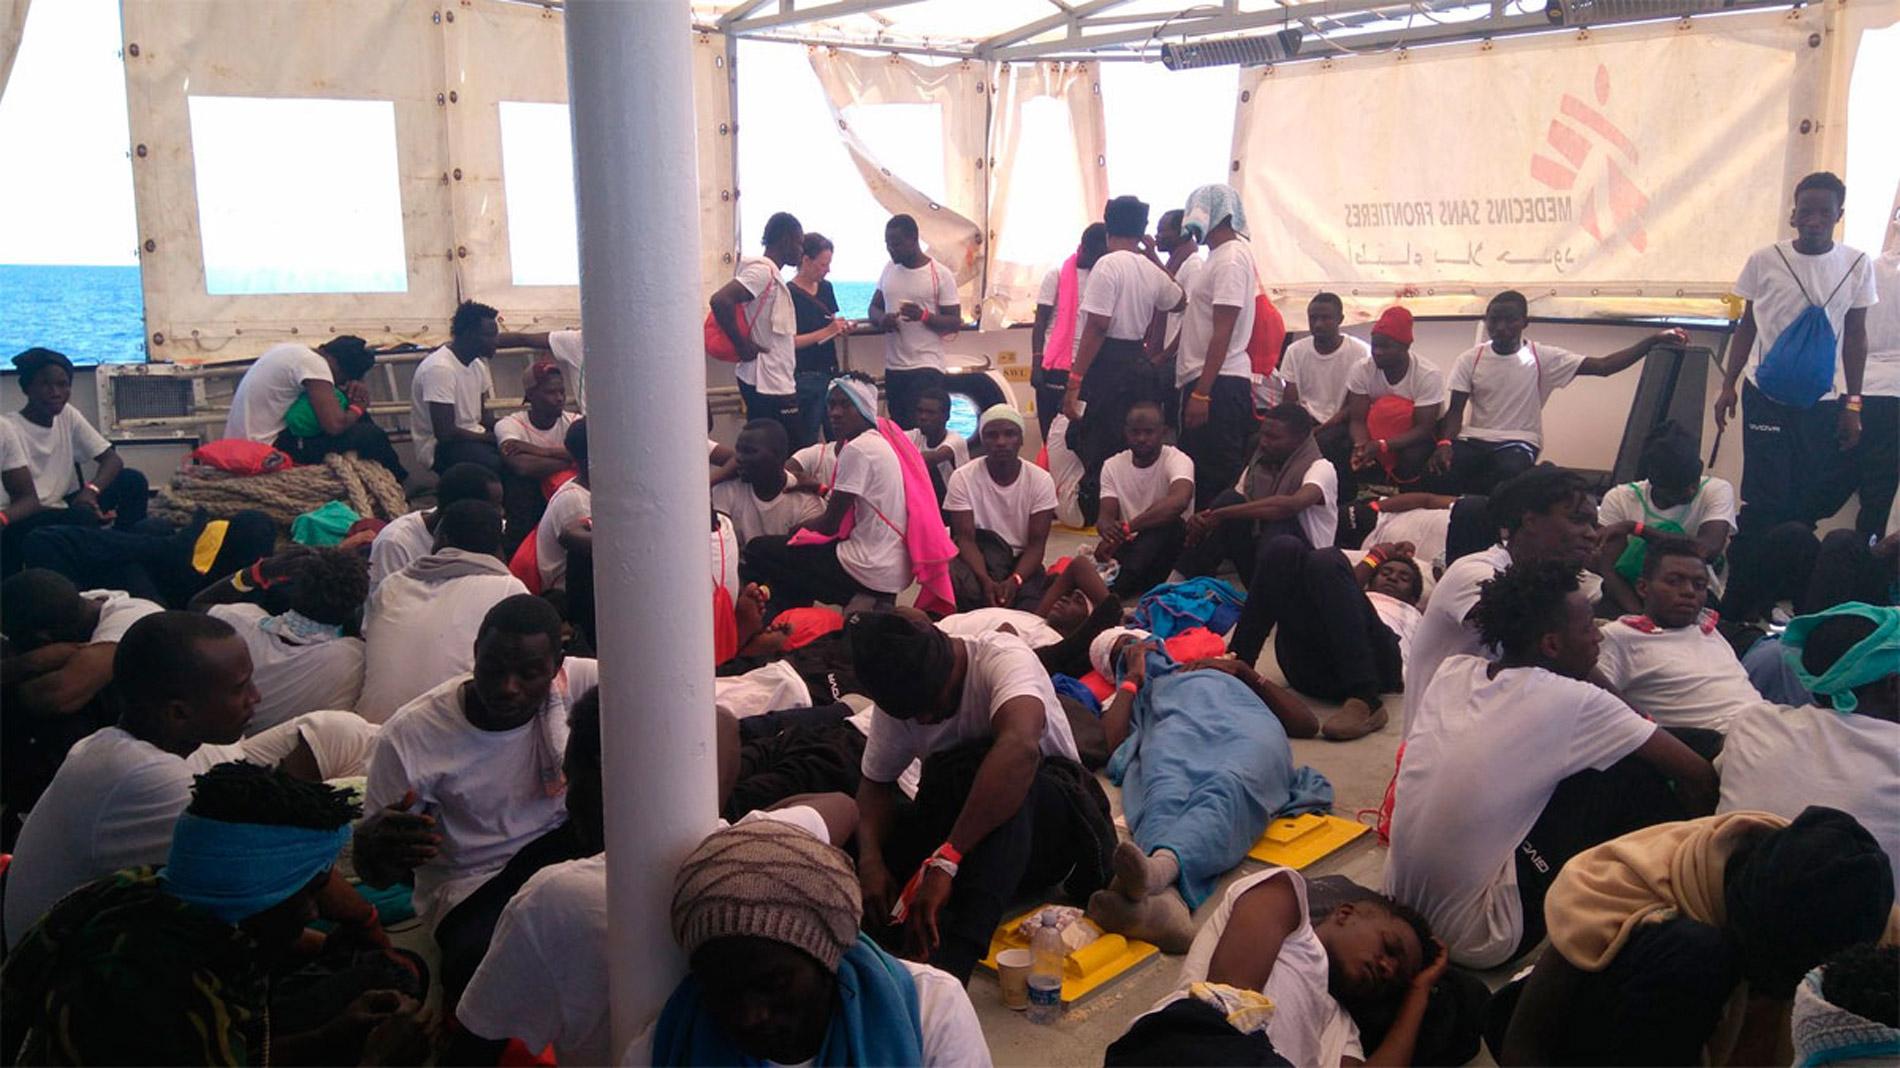 Italia no autoriza el desembarco de un buque de rescate con 629 inmigrantes a bordo